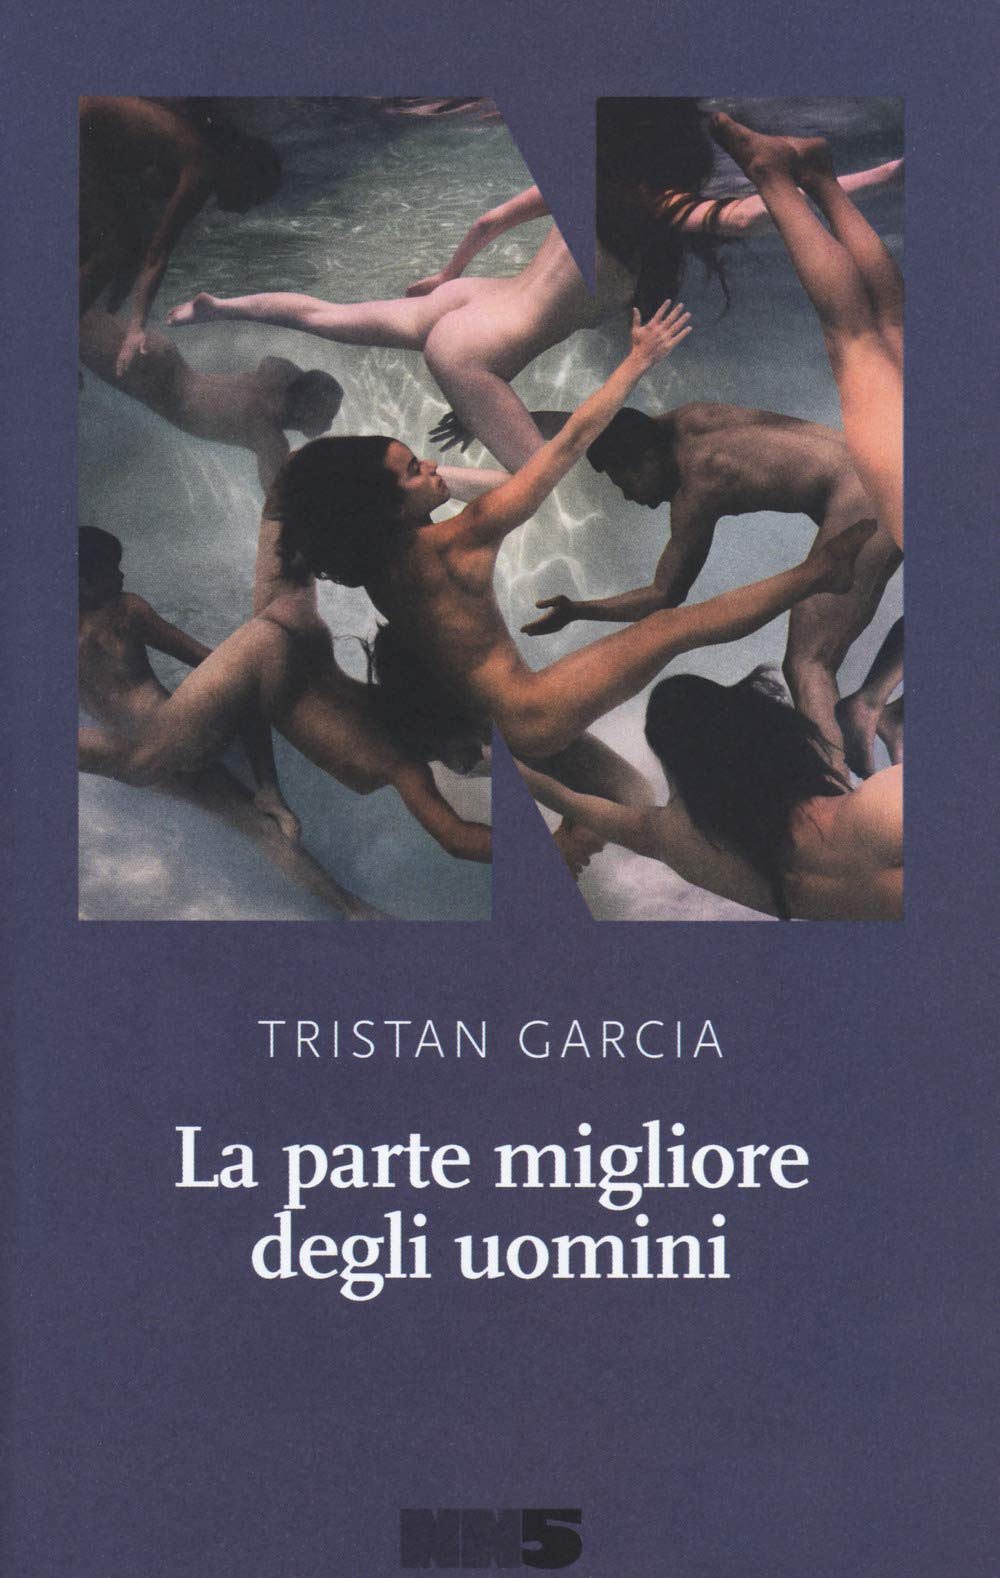 Tristan Garcia – La Parte Migliore degli Uomini